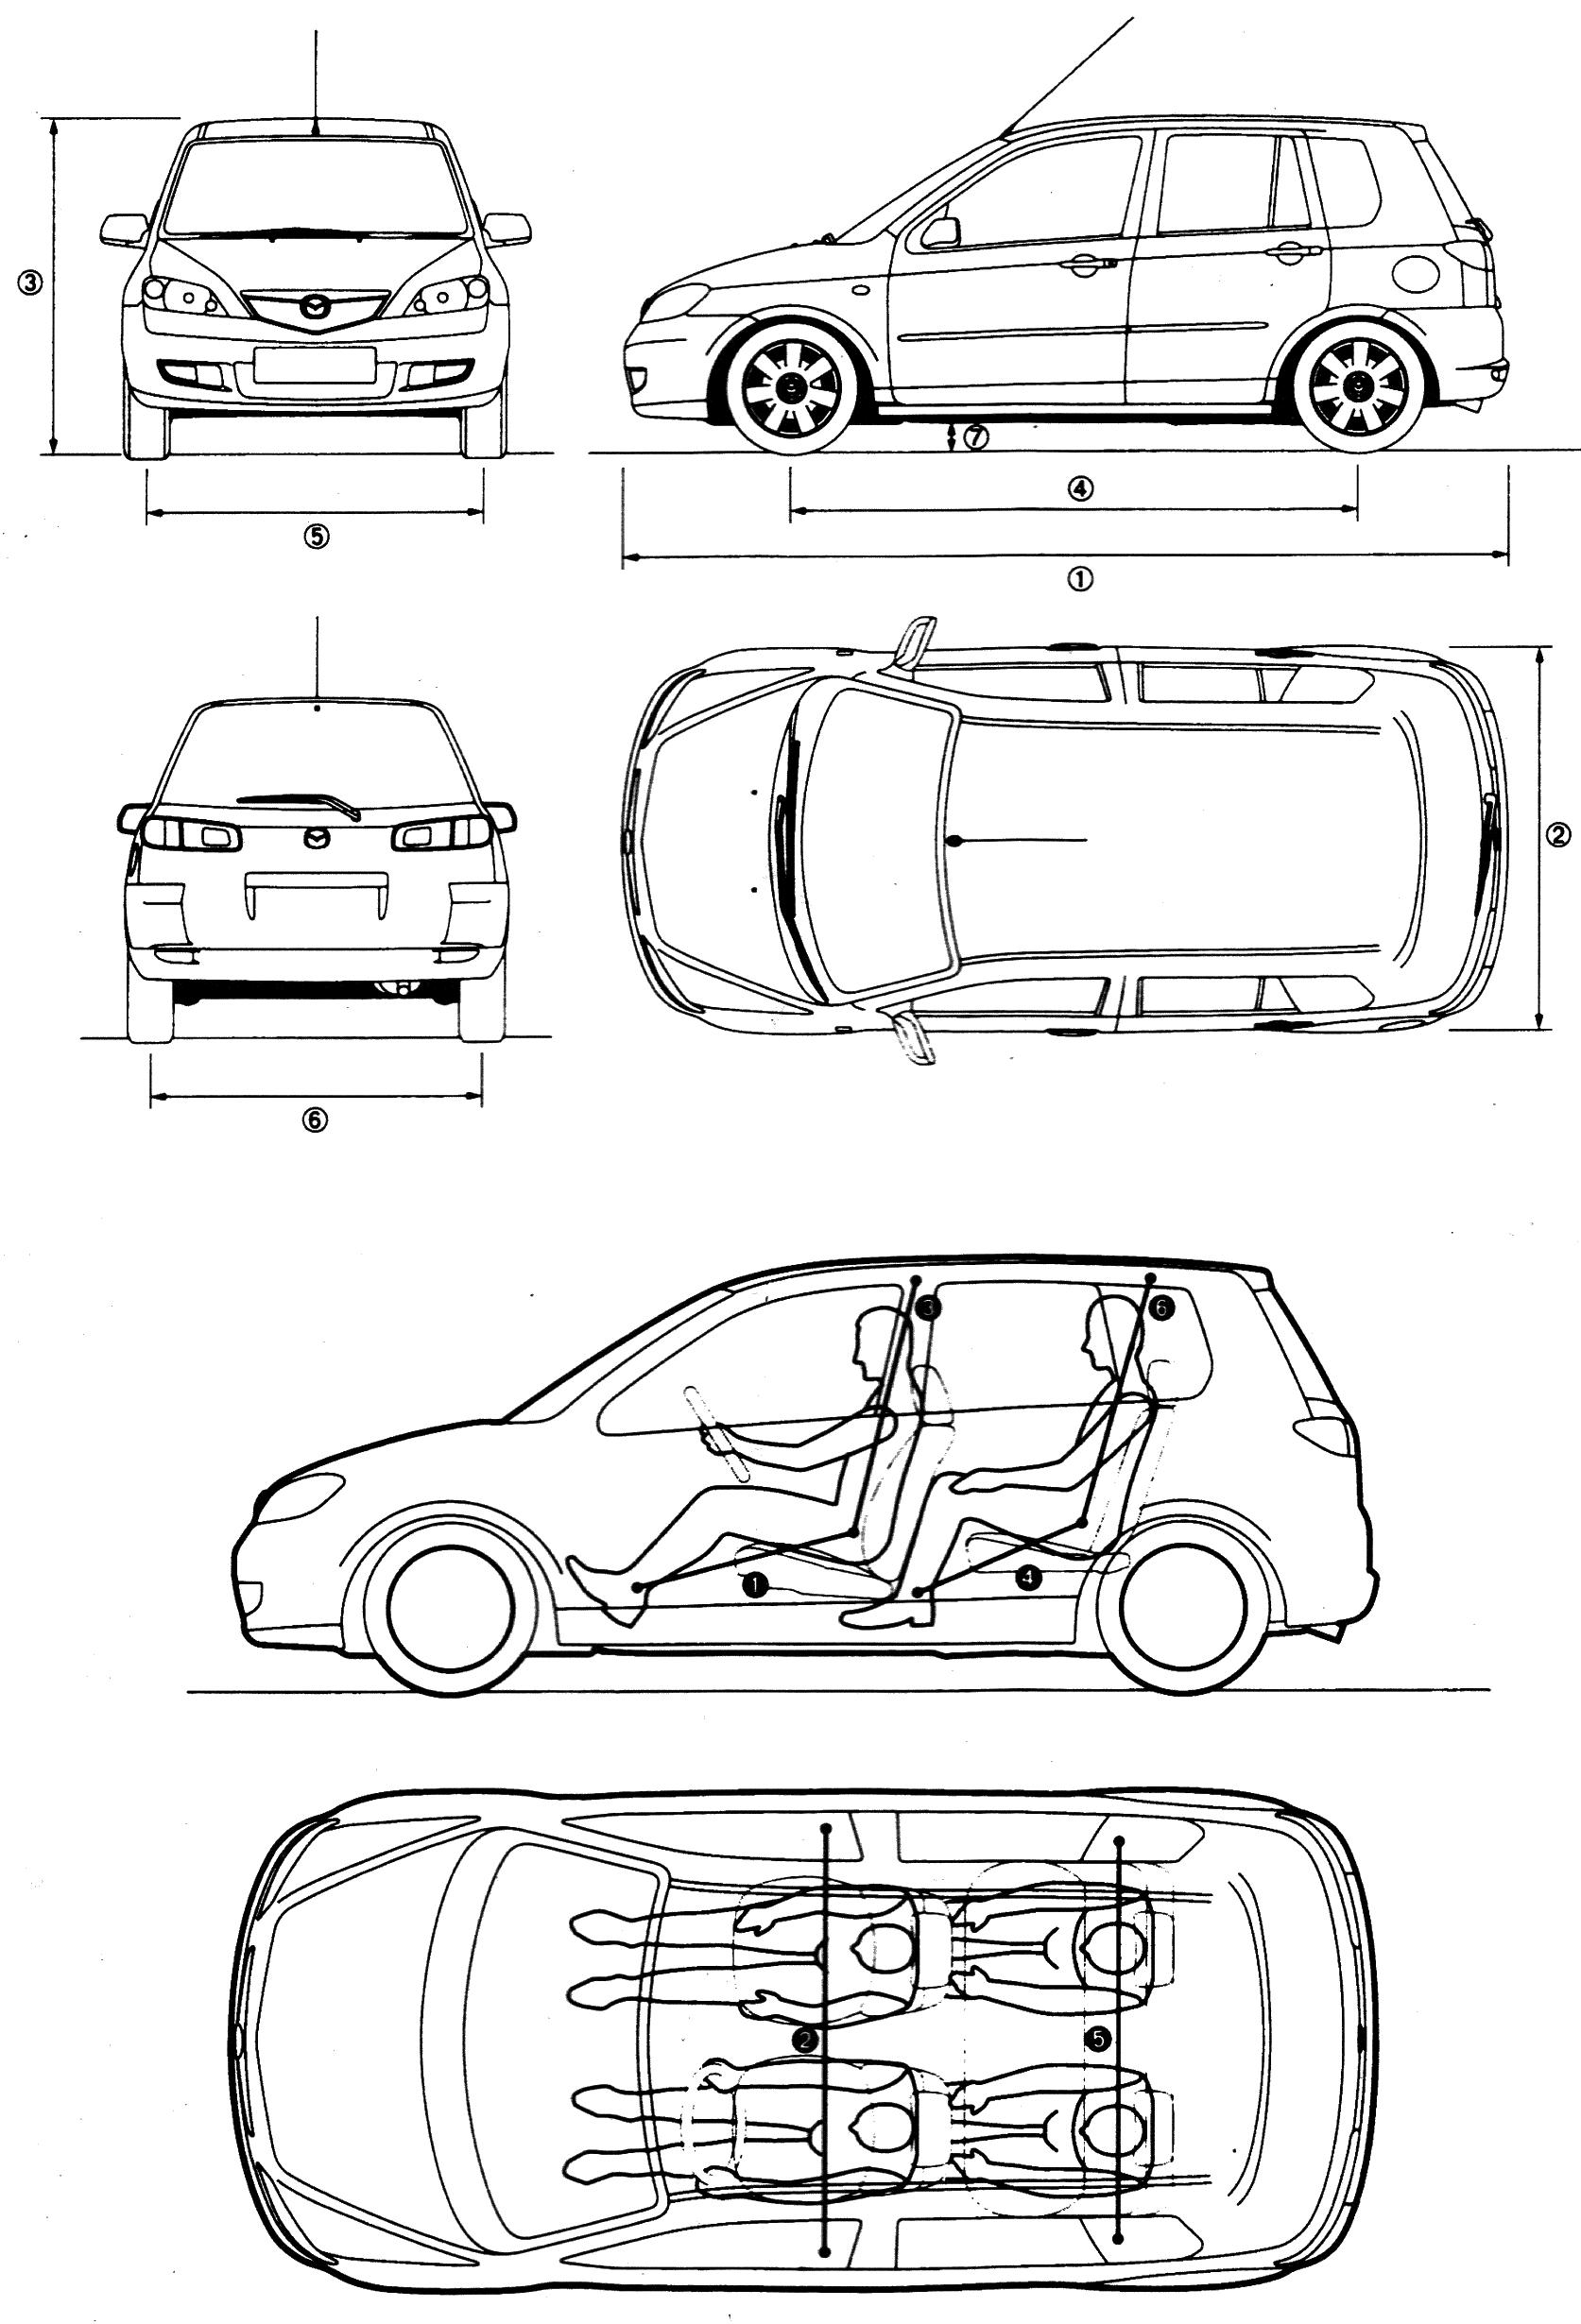 Mazda 2 5-door blueprints